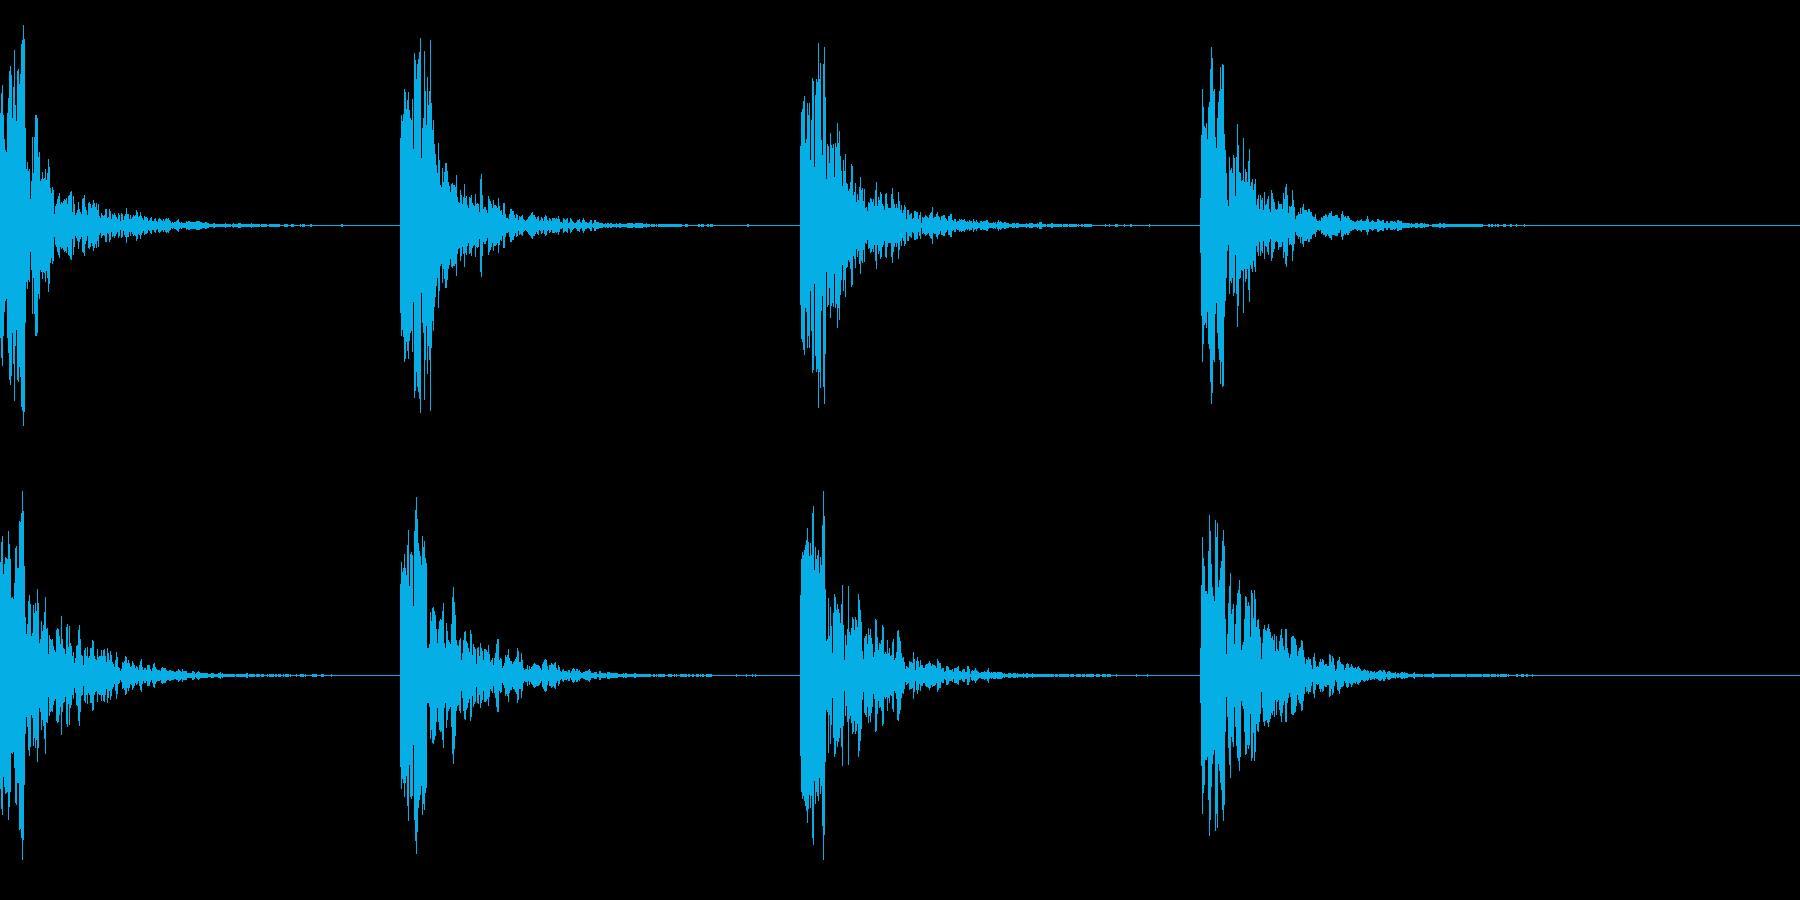 コーン・コーン・潜水艦のソナー音の再生済みの波形